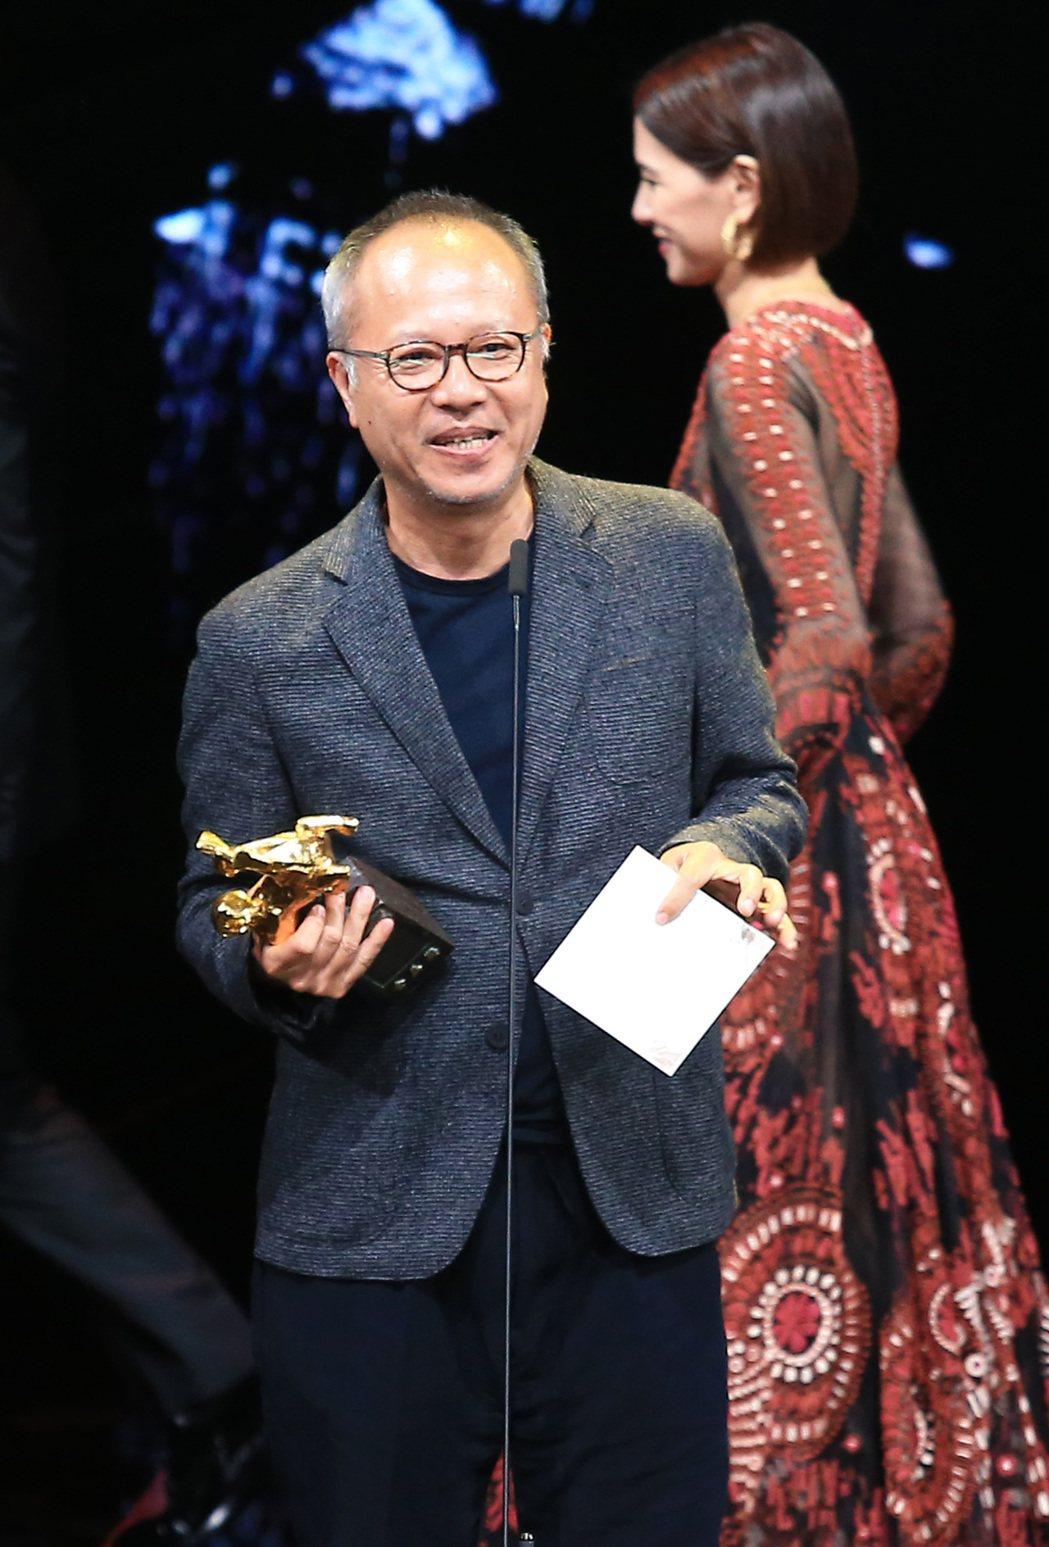 第56屆金馬獎頒獎典禮,鍾孟宏以陽光普照獲頒最佳導演獎。記者林伯東/攝影